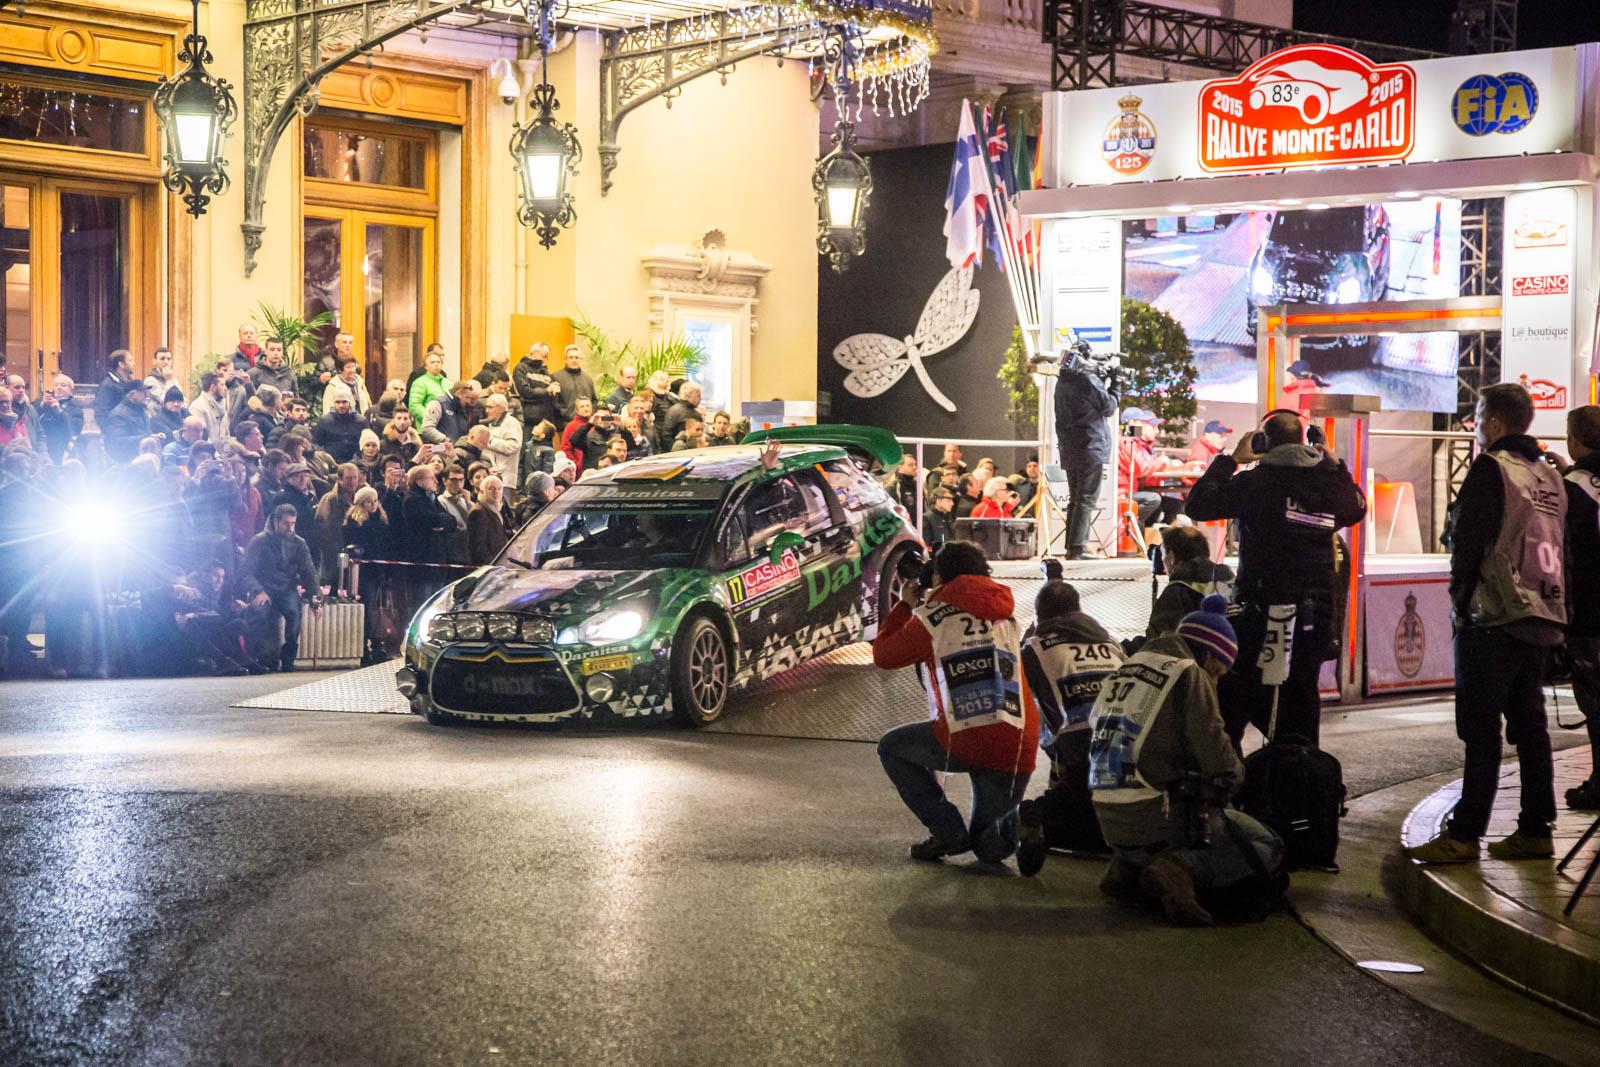 2015-01-22 Rally de Monte-Carlo copyright Ivan Blanco - LR-3344.jpg